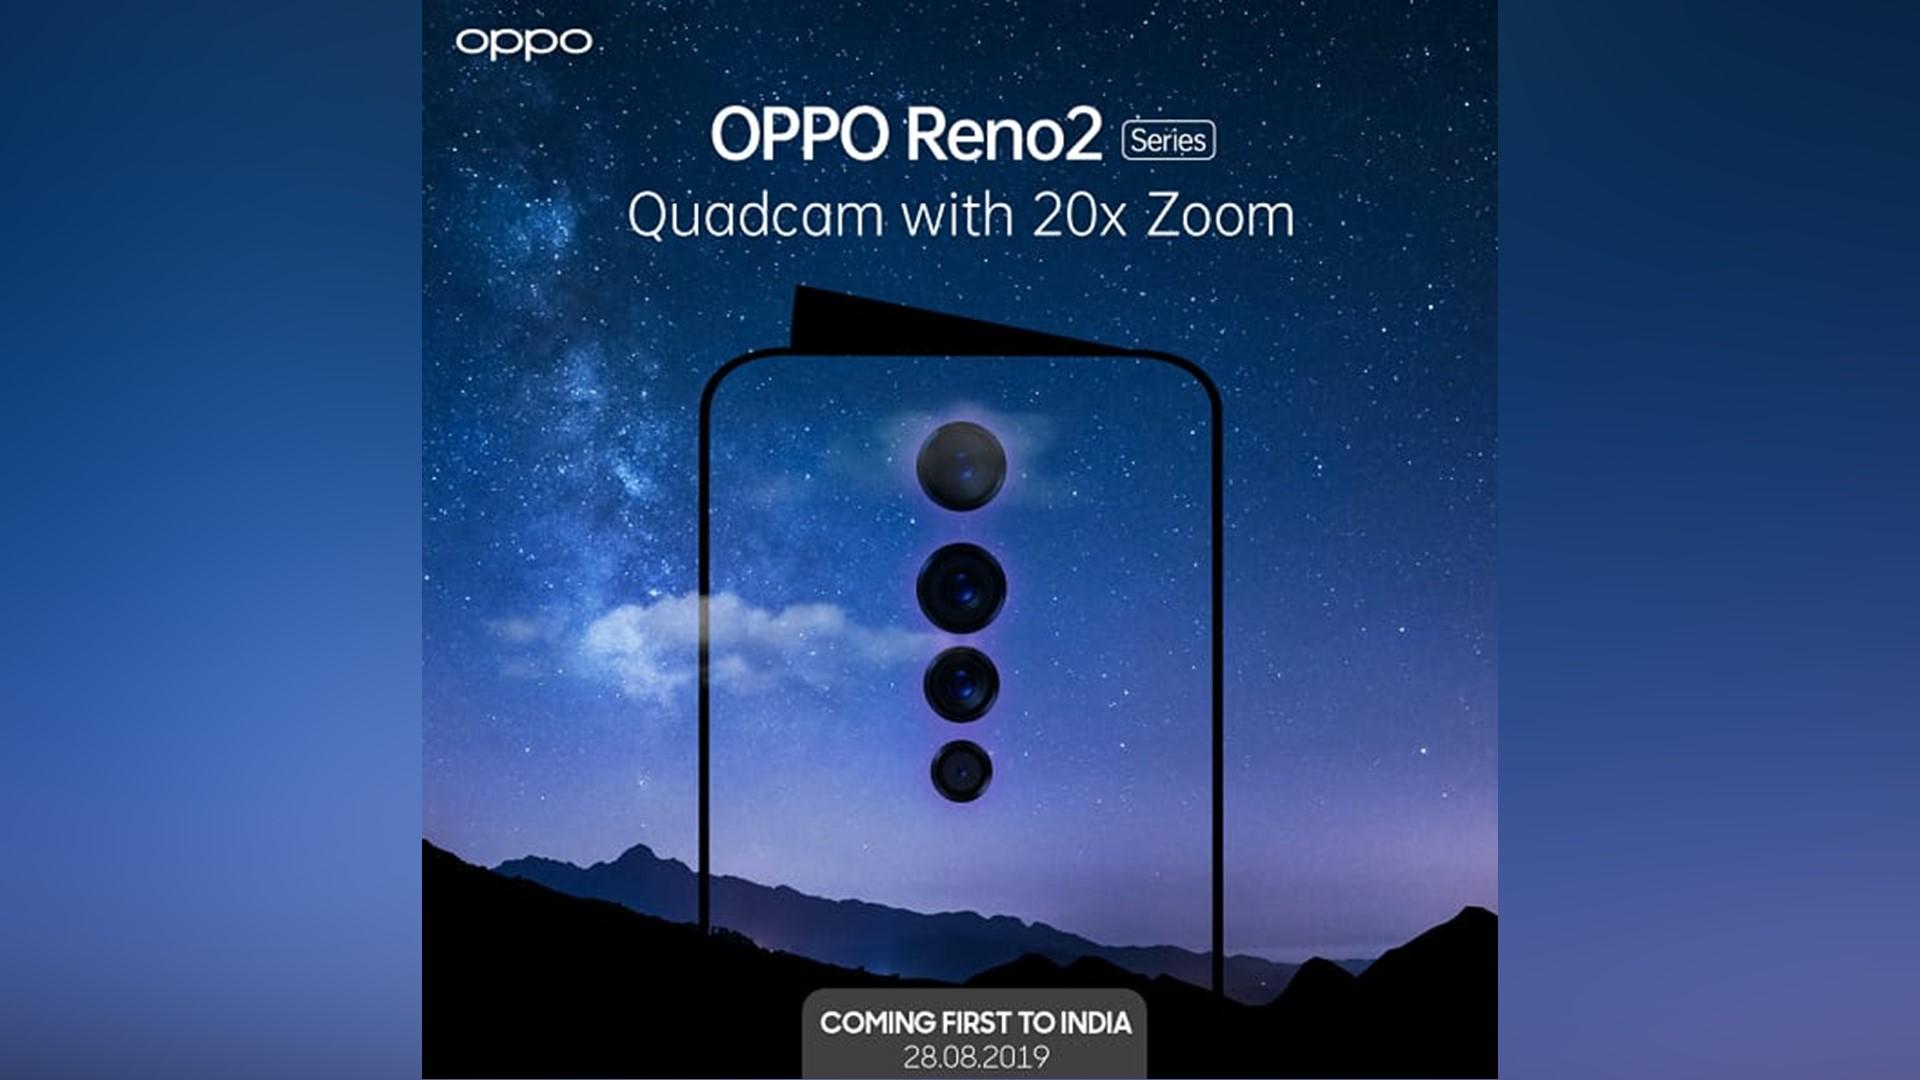 Oppo Reno 2 full details leak alongside some more official teasers